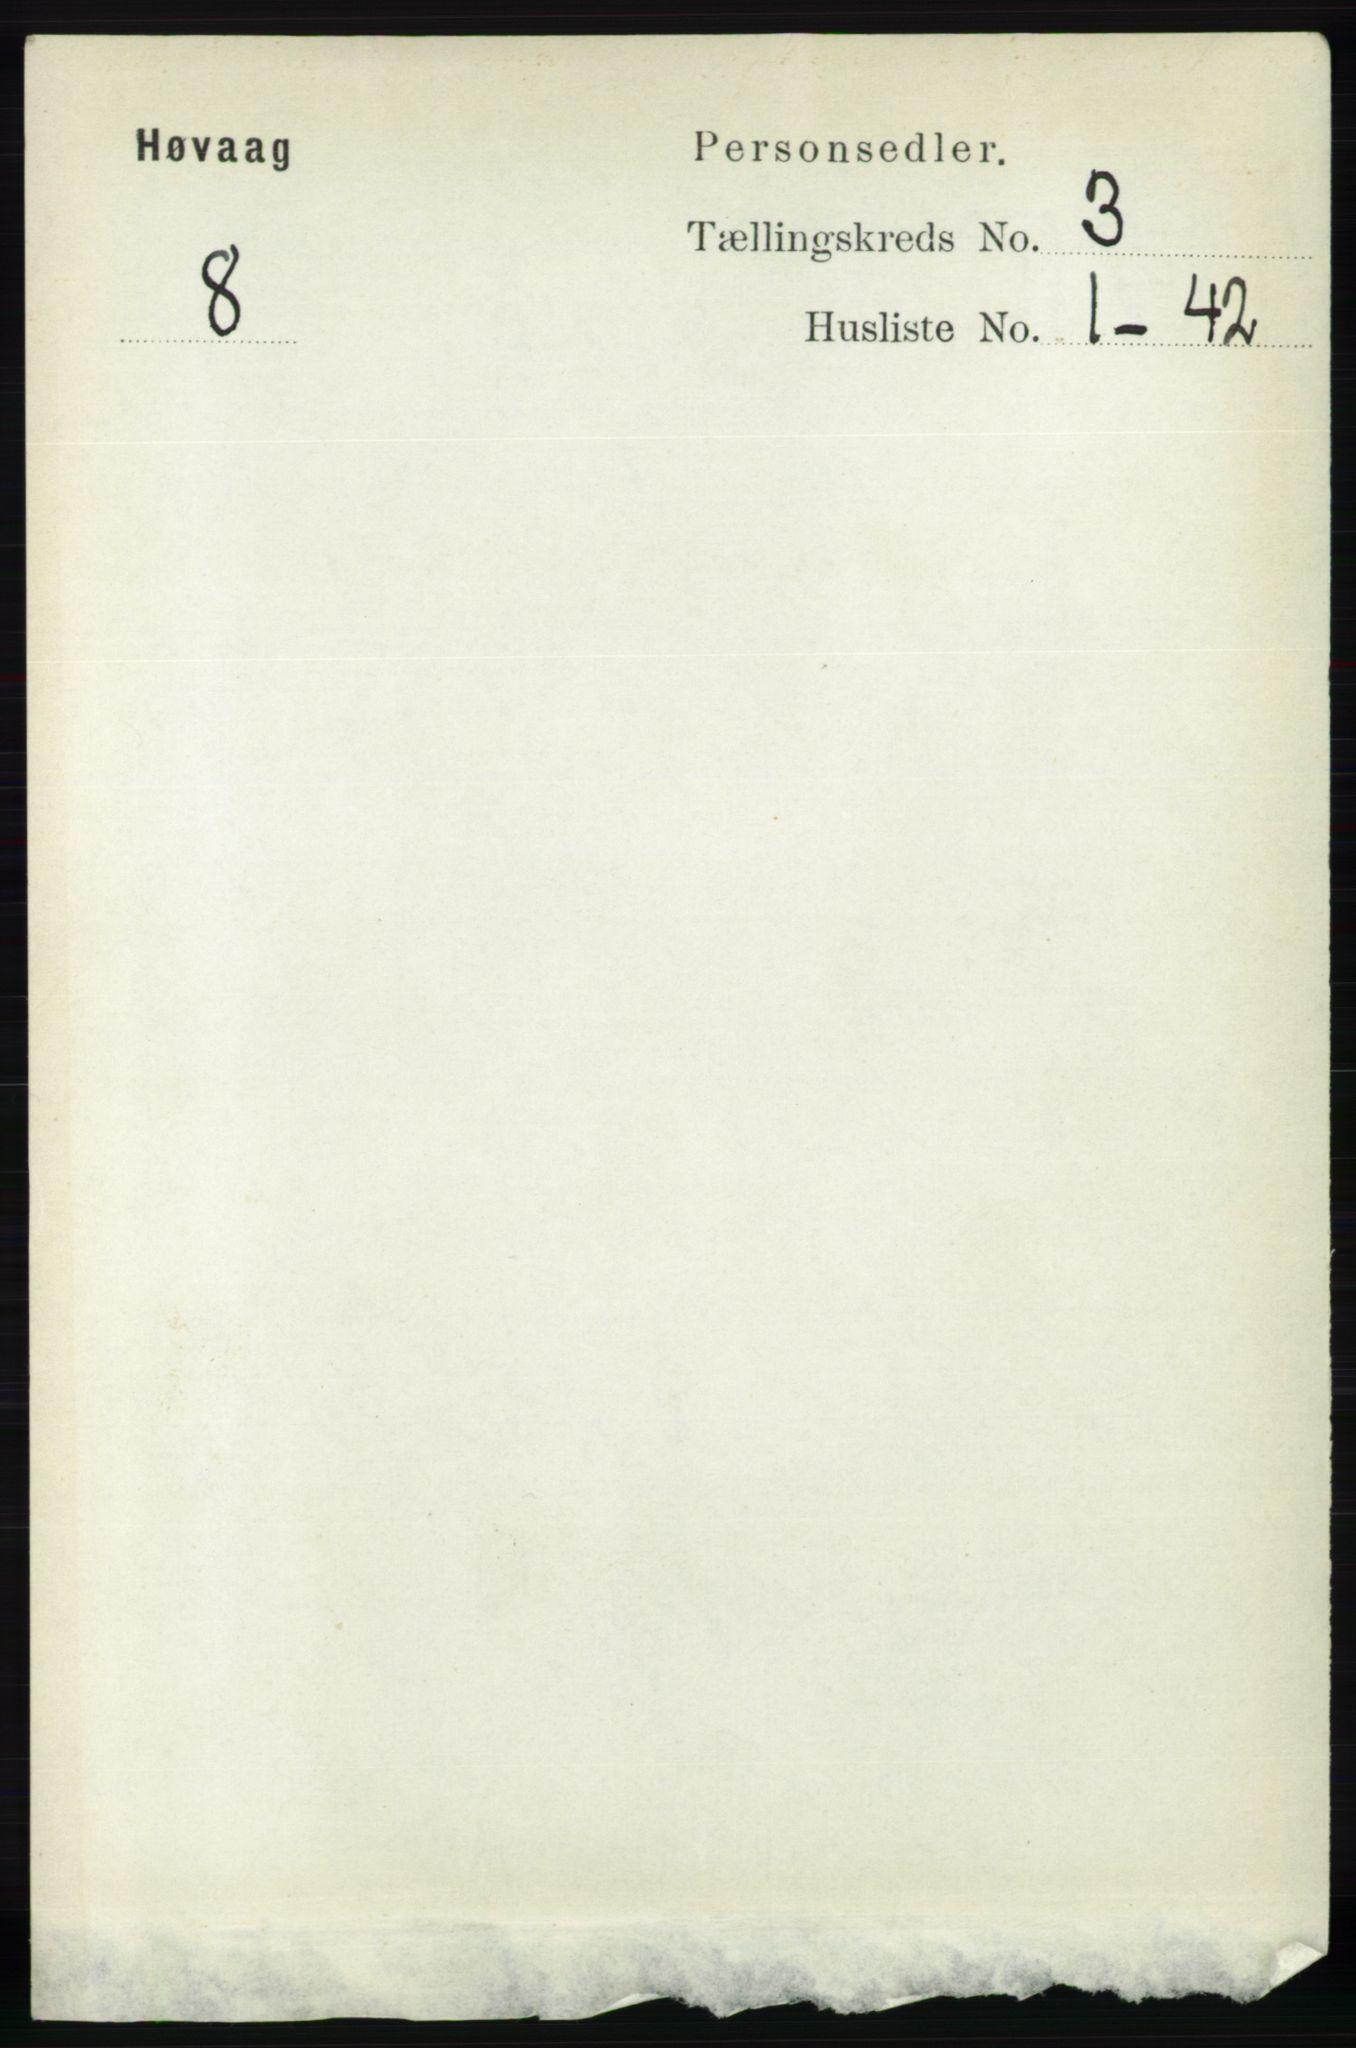 RA, Folketelling 1891 for 0927 Høvåg herred, 1891, s. 1010